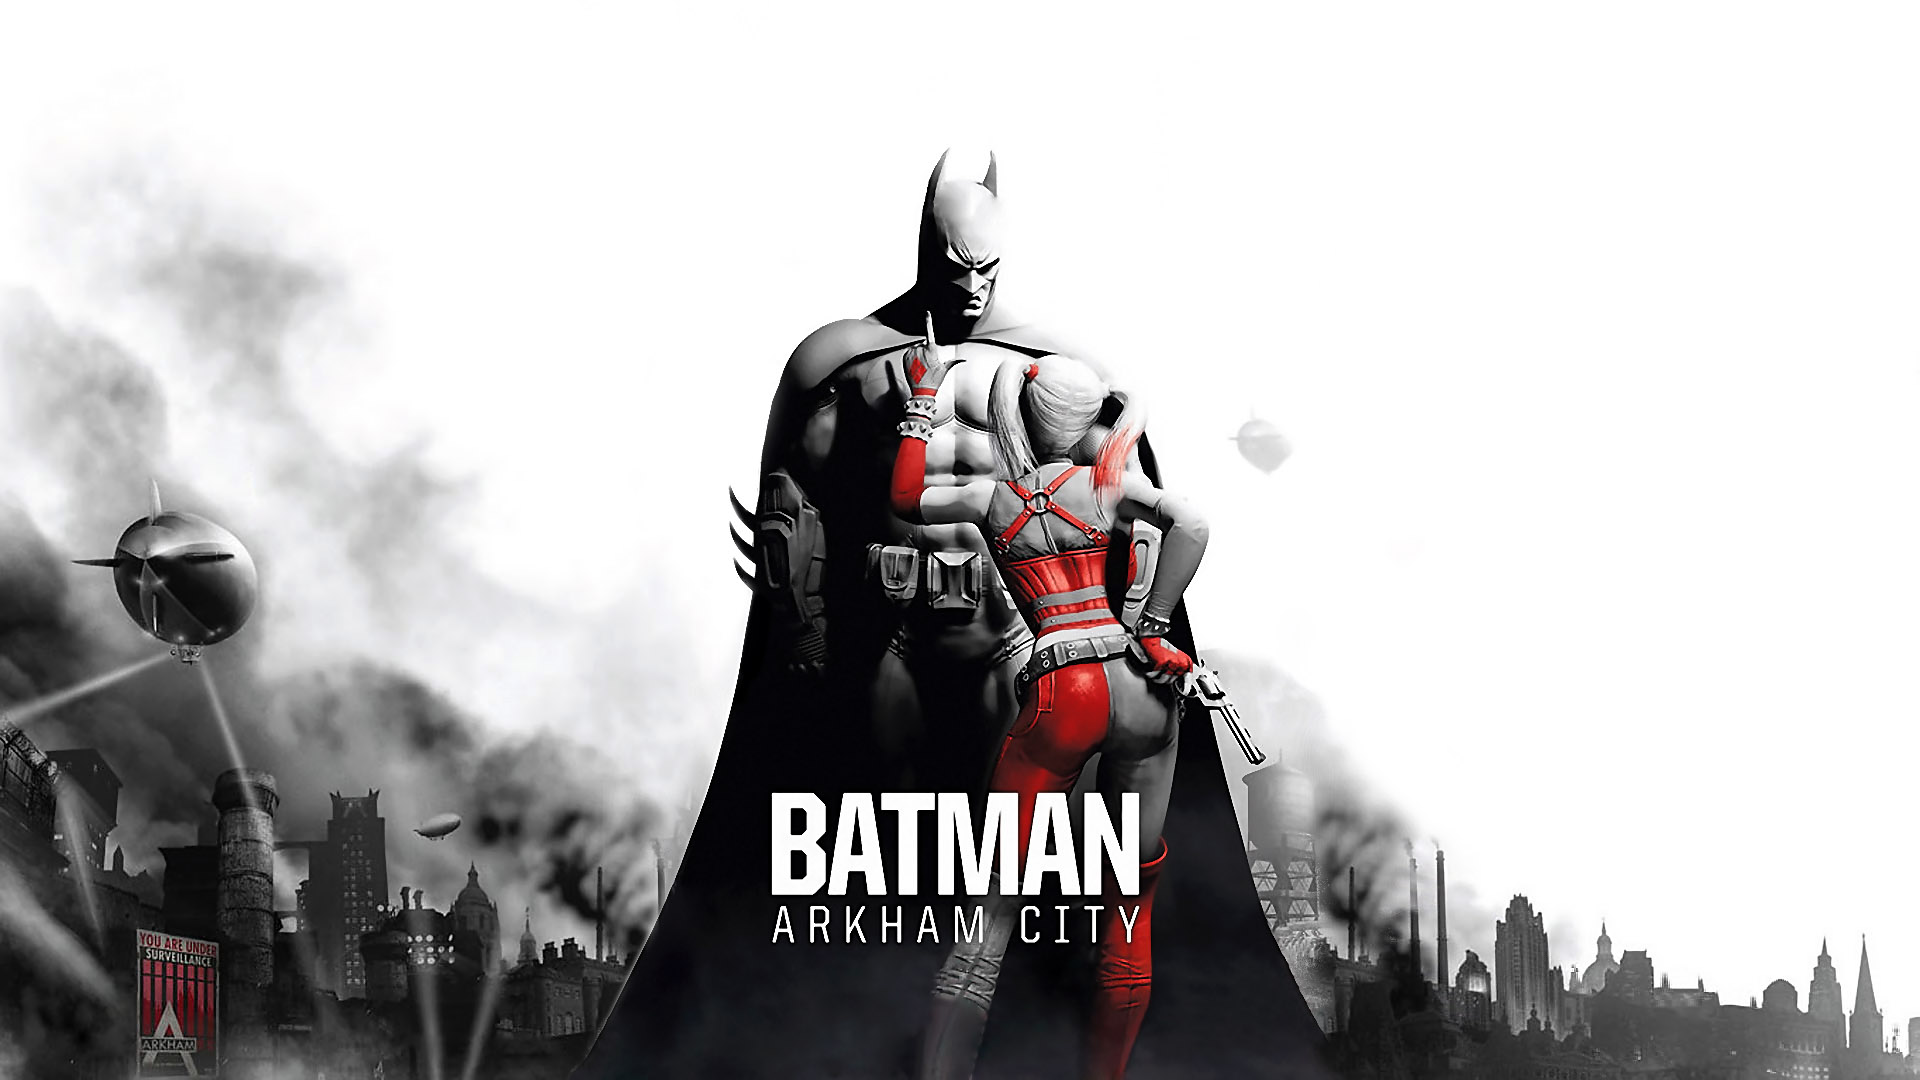 Batman Arkham City | PhcityonWeb